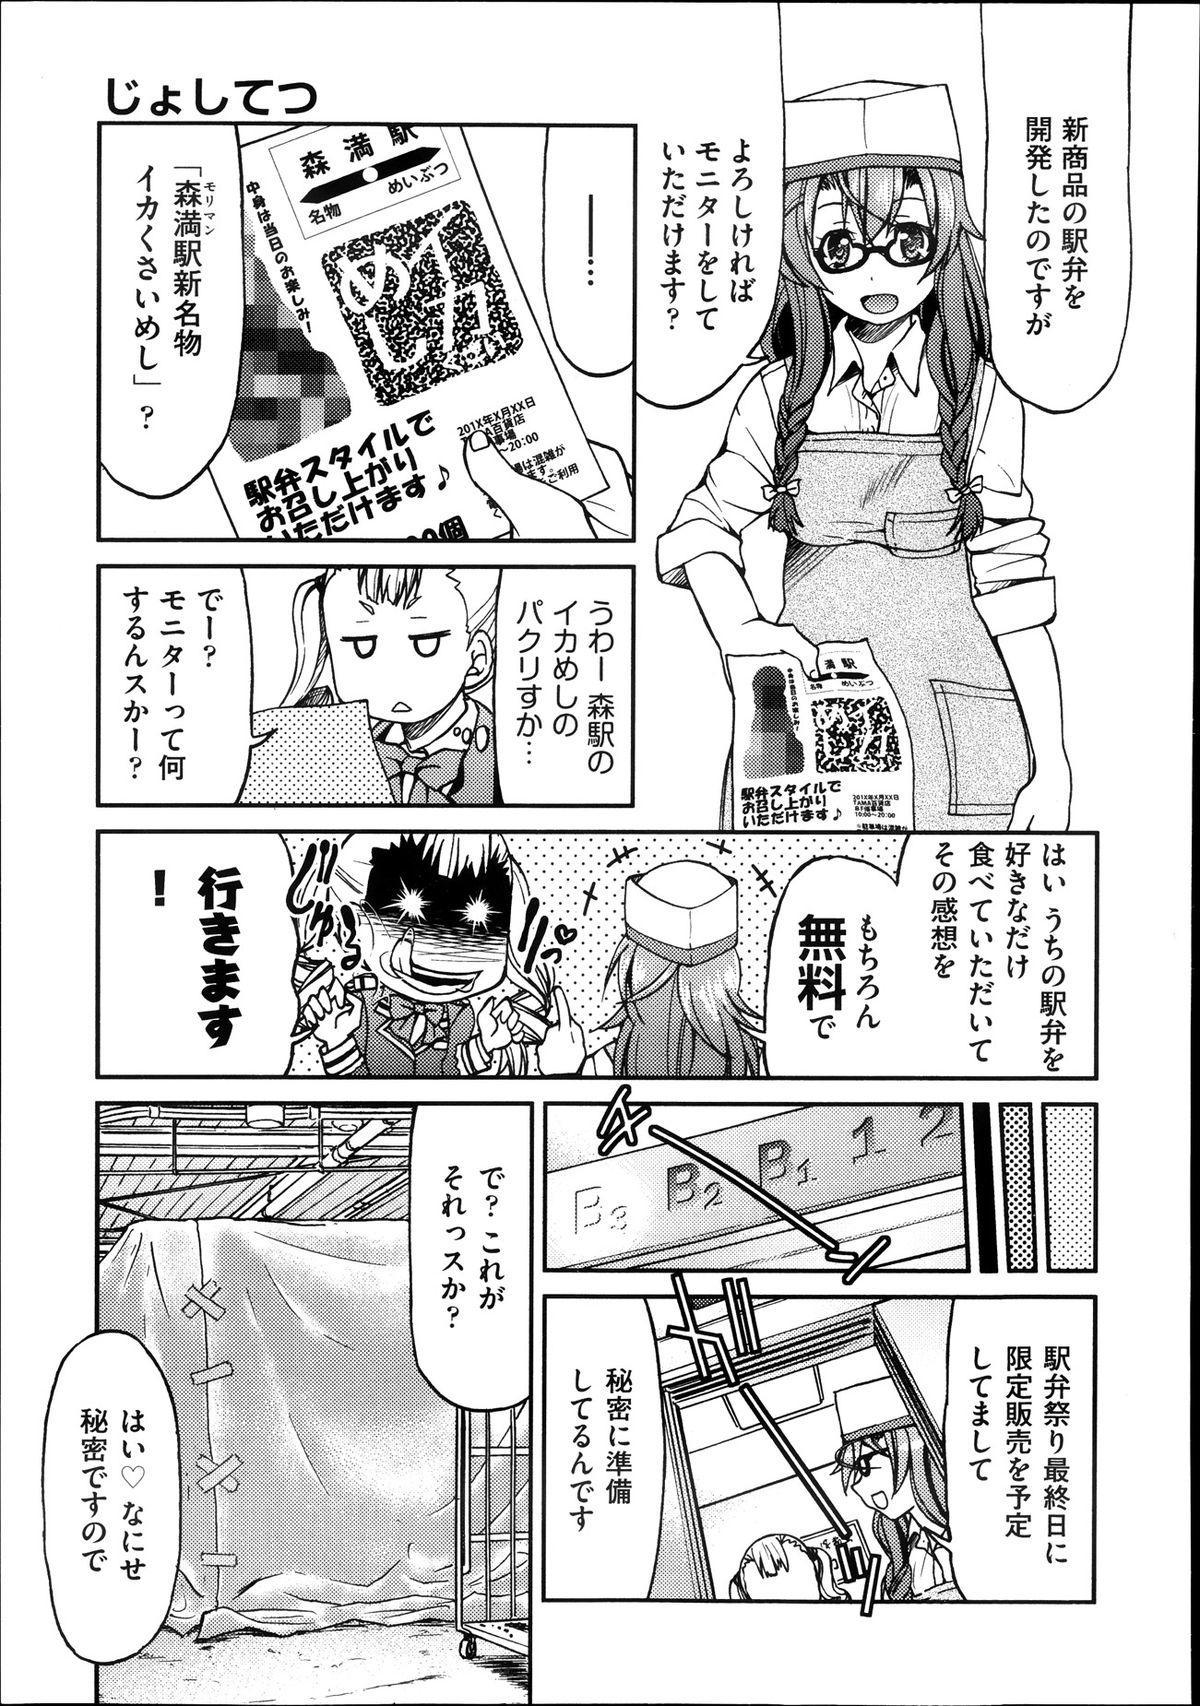 [Inoue Yoshihisa] Joshitetsu -Girls railway Geek- Ch.1-7 109